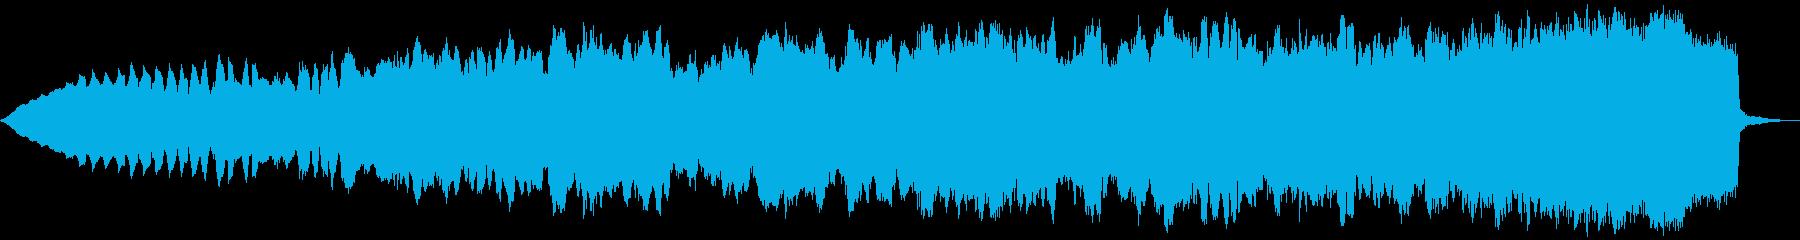 ライブワイヤー:渦巻き模様のエネル...の再生済みの波形